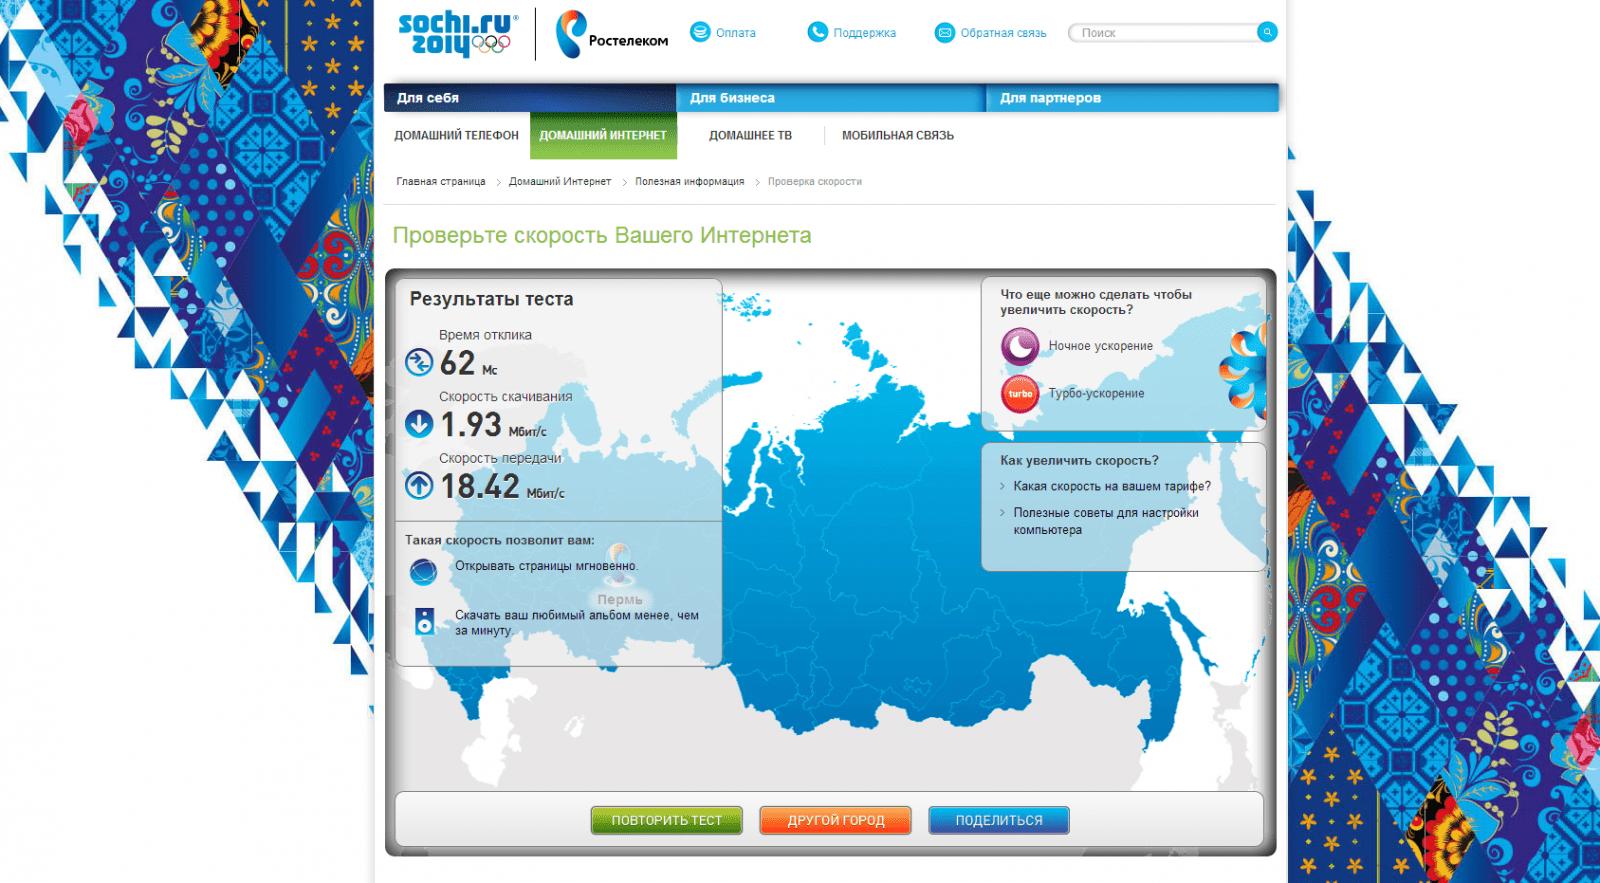 Как сделать тест скорости на сайте «Ростелеком» (RT.ru). Альтернатива спидтесту